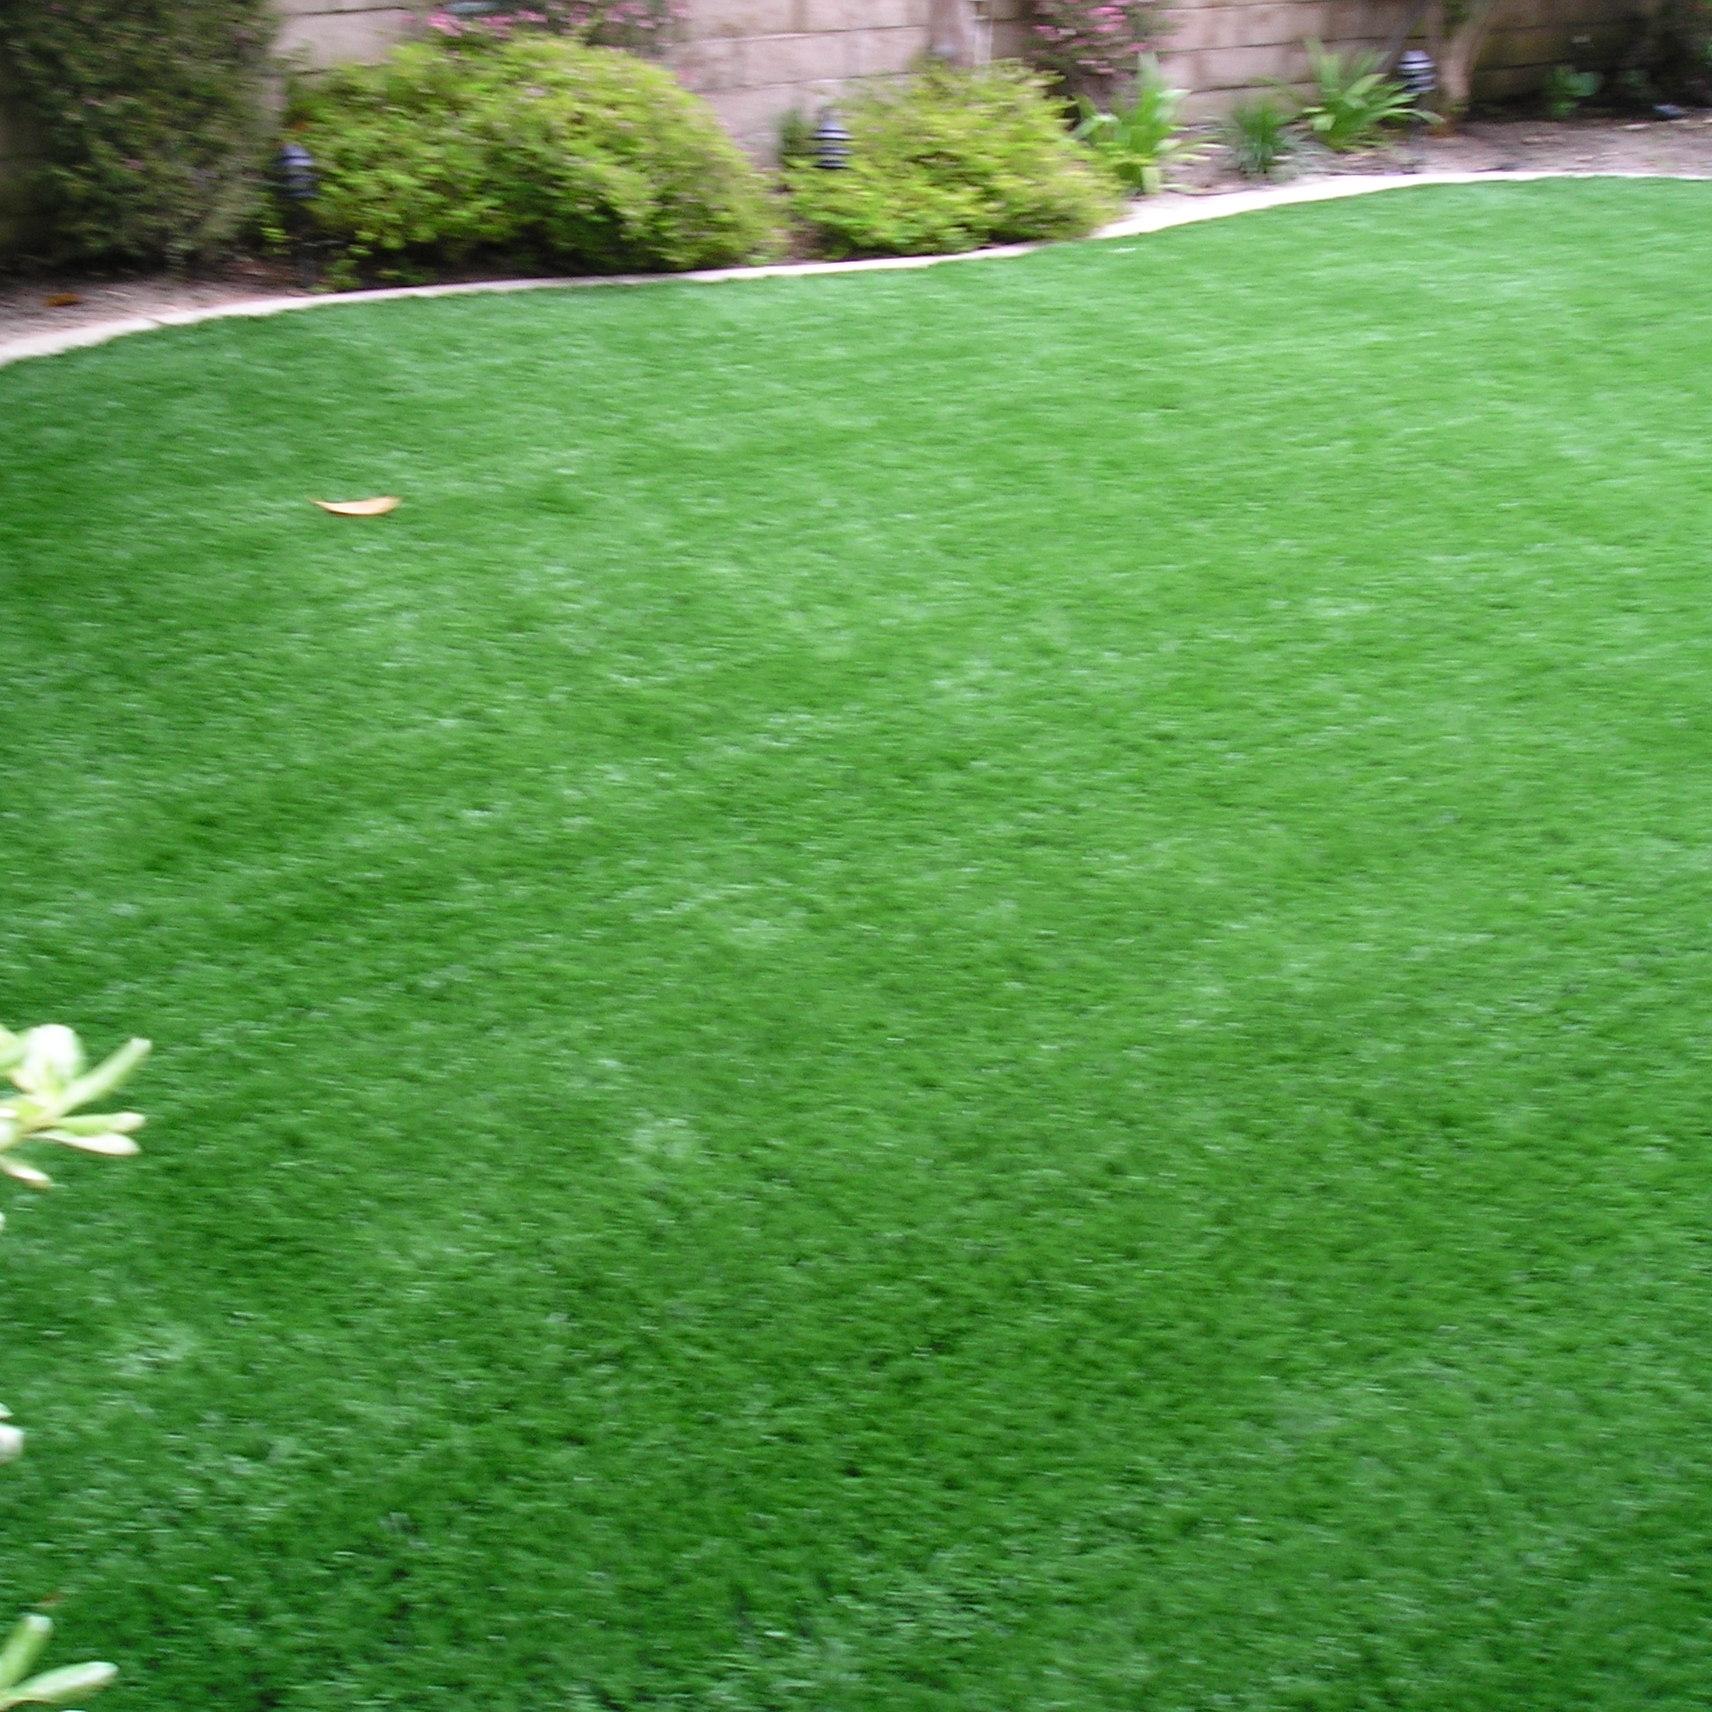 Emerald-92 Stemgrass artificial lawn,synthetic lawn,fake lawn,turf lawn,fake grass lawn,fake green grass,green grass carpet